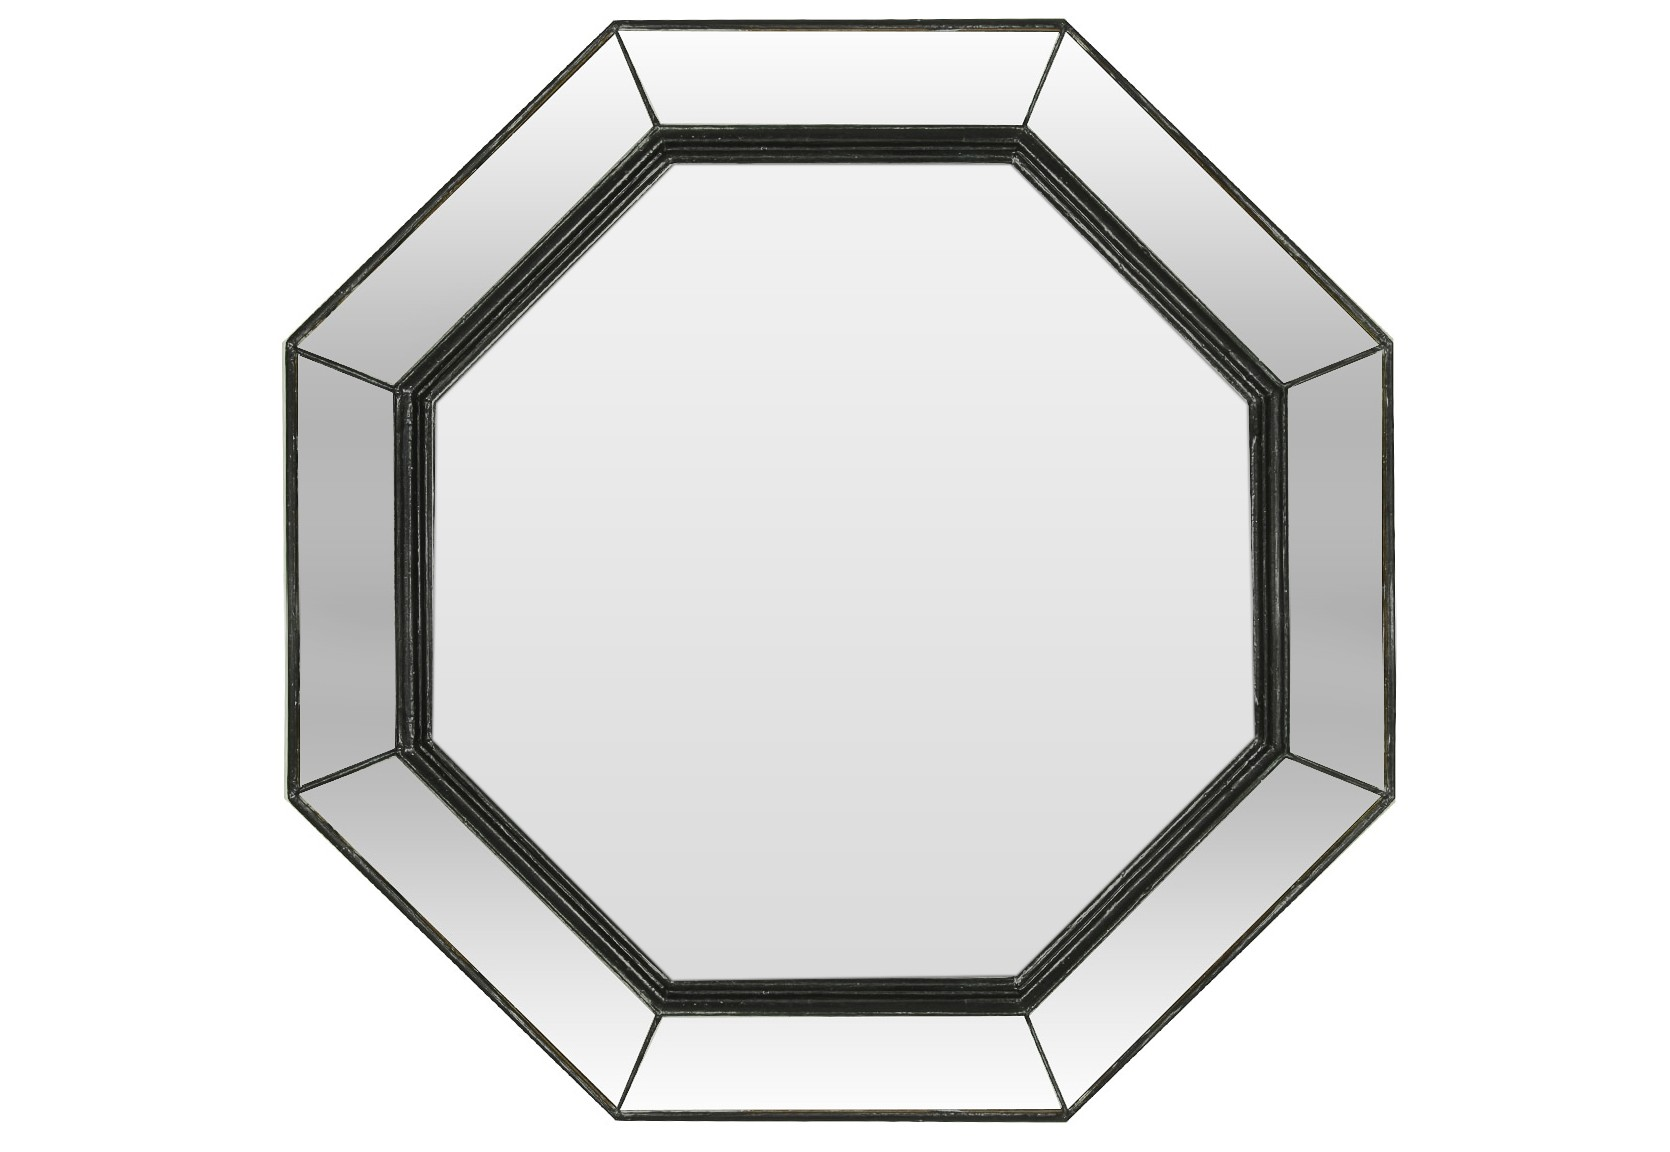 Зеркало ручной работы EspressoНастенные зеркала<br>Это зеркало создано специально для тех, кто любит яркие детали в интерьере. Оно изготовлено исключительно вручную. Оригинальная форма и смелый дизайн добавят в интерьер вашего дома изысканных ноток и приятных эмоций.&amp;amp;nbsp;&amp;lt;div&amp;gt;&amp;lt;br&amp;gt;&amp;lt;/div&amp;gt;&amp;lt;div&amp;gt;Материалы: основа - массив дерева; рама - натуральное дерево; зеркальное полотно - классическое зеркало серебряной амальгамы.&amp;lt;/div&amp;gt;<br><br>Material: Дерево<br>Width см: 59<br>Depth см: 5<br>Height см: 59